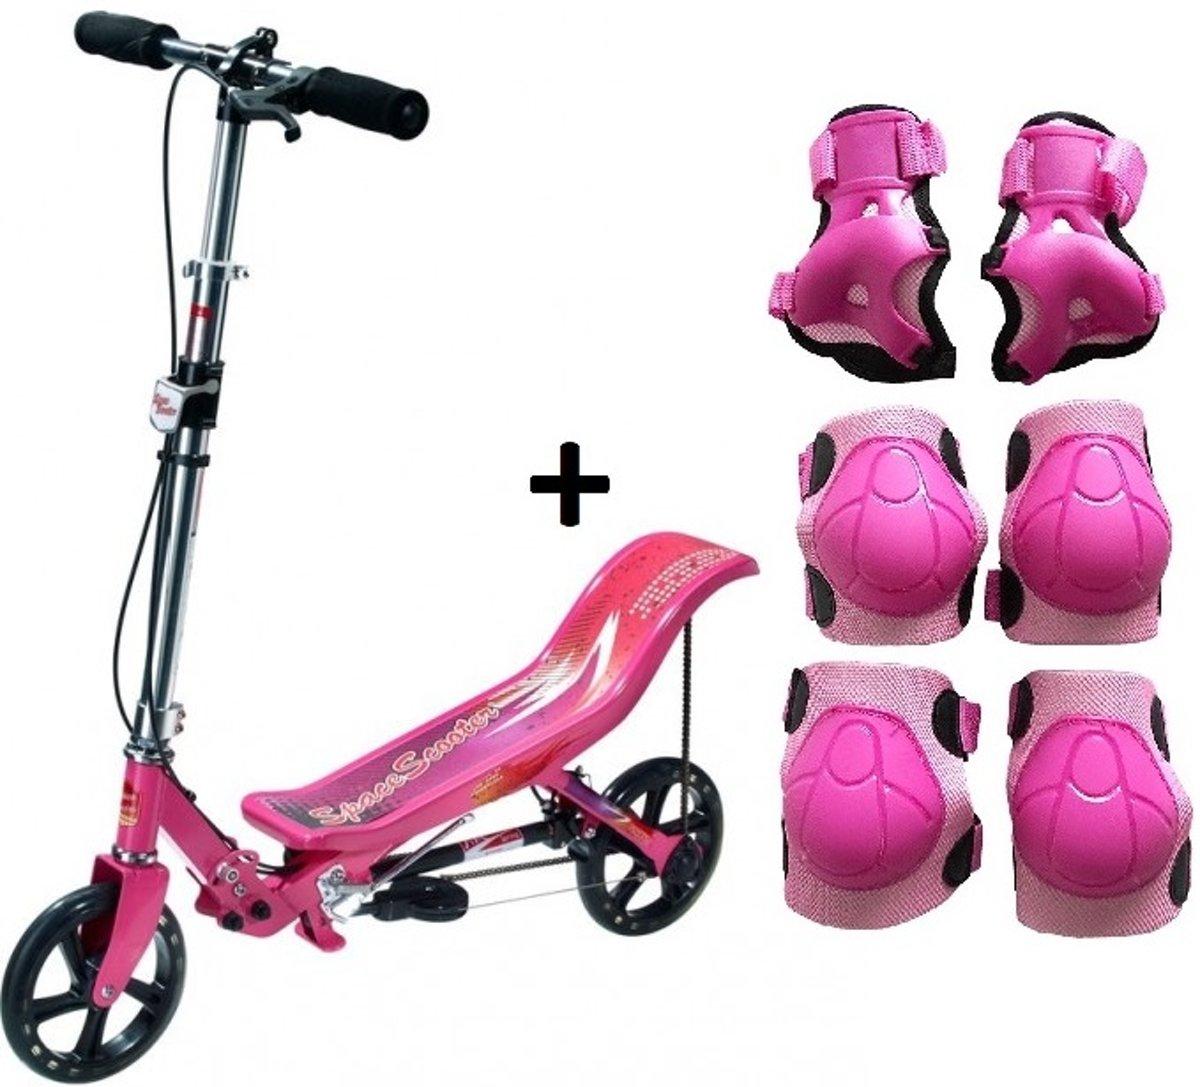 Space Scooter Nieuw Model - Step - Roze - met gratis beschermset